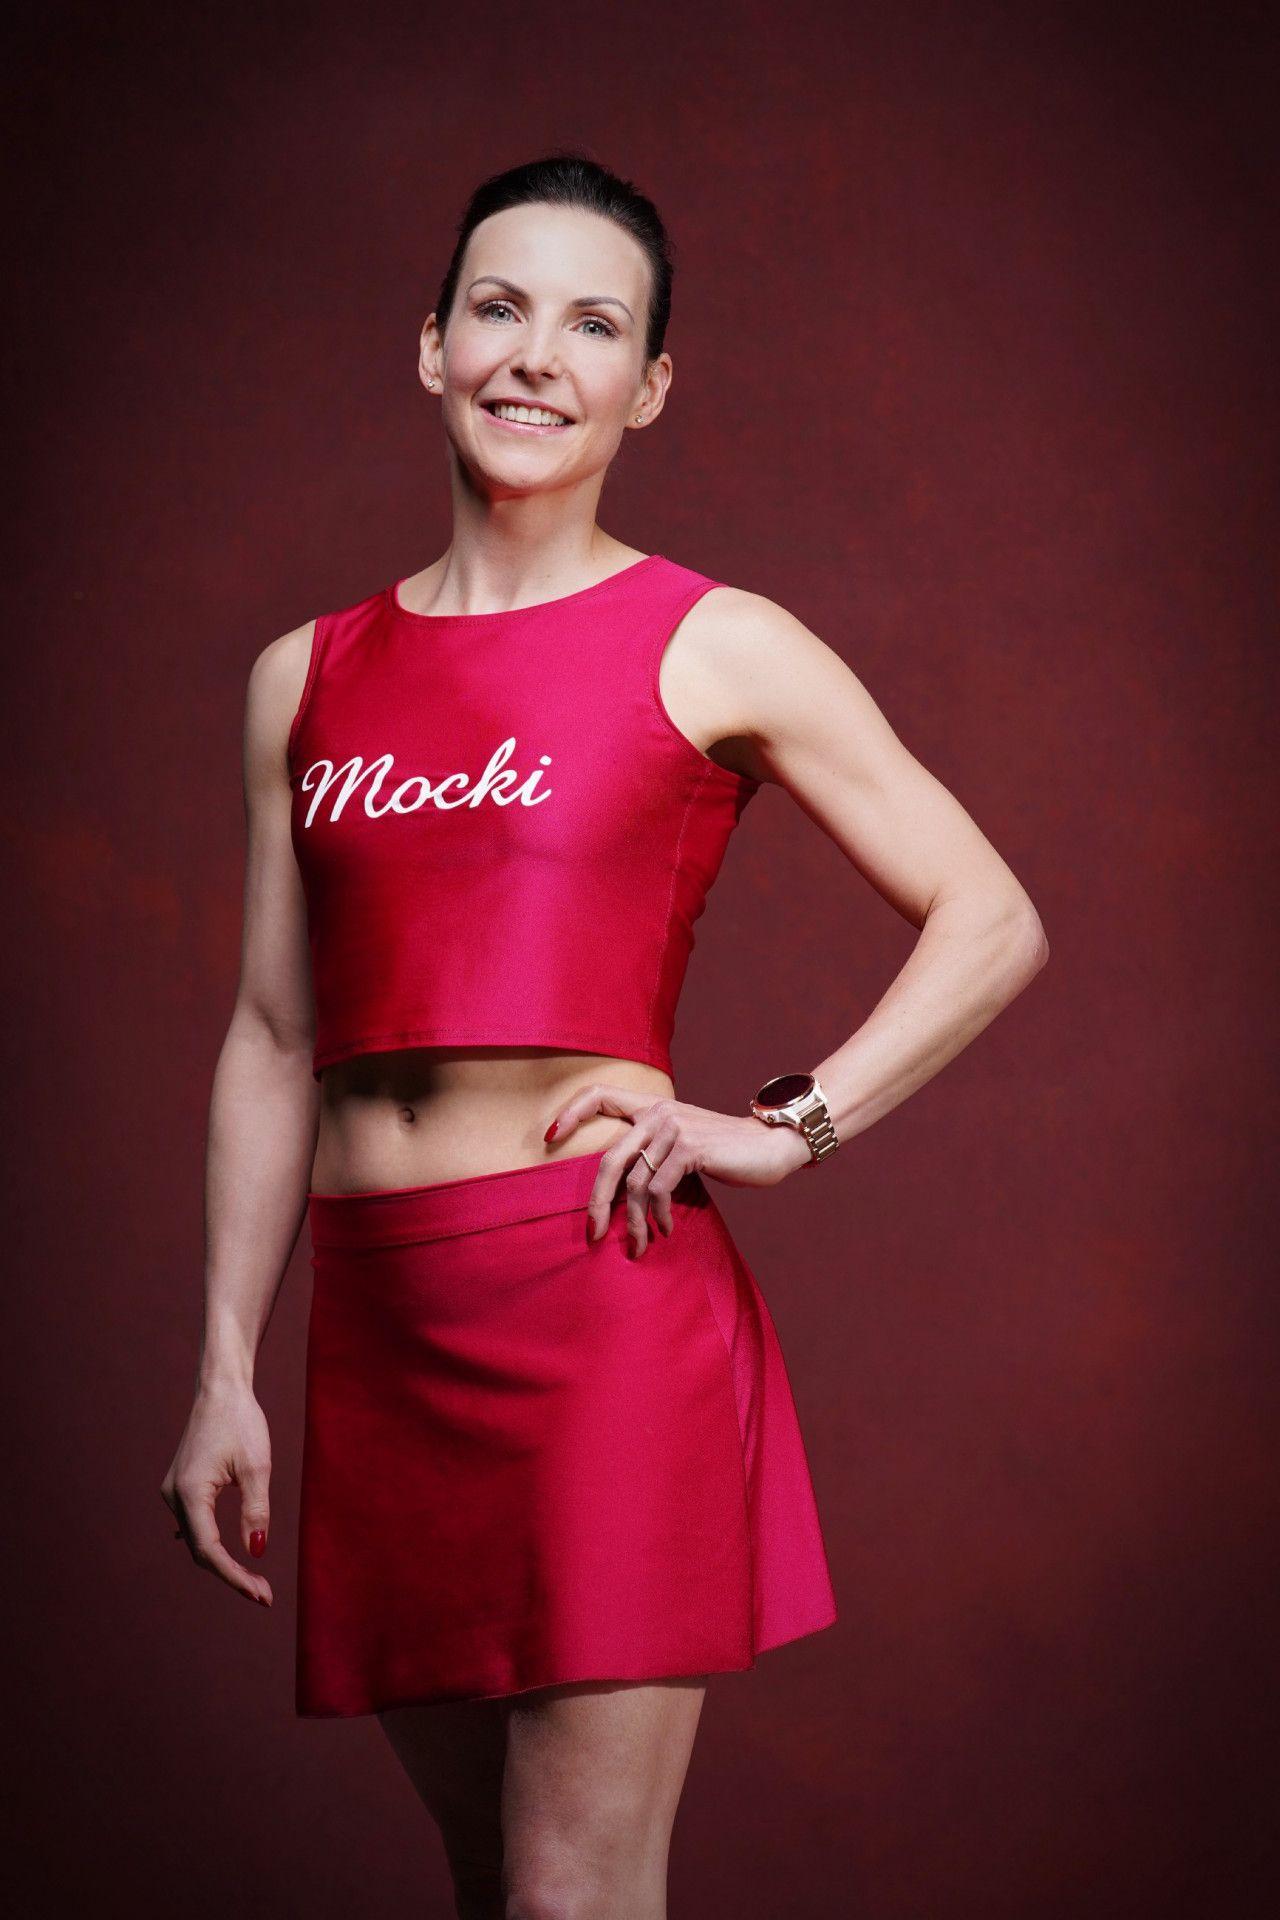 """Sabrina Mockenhaupt ist zäh und trainingsfleißig. Das muss sie als ehemalige Marathon-Läuferin auch sein. Ob sie auch Talent für das Tanzen hat, will sie in """"Let's Dance"""" zeigen."""